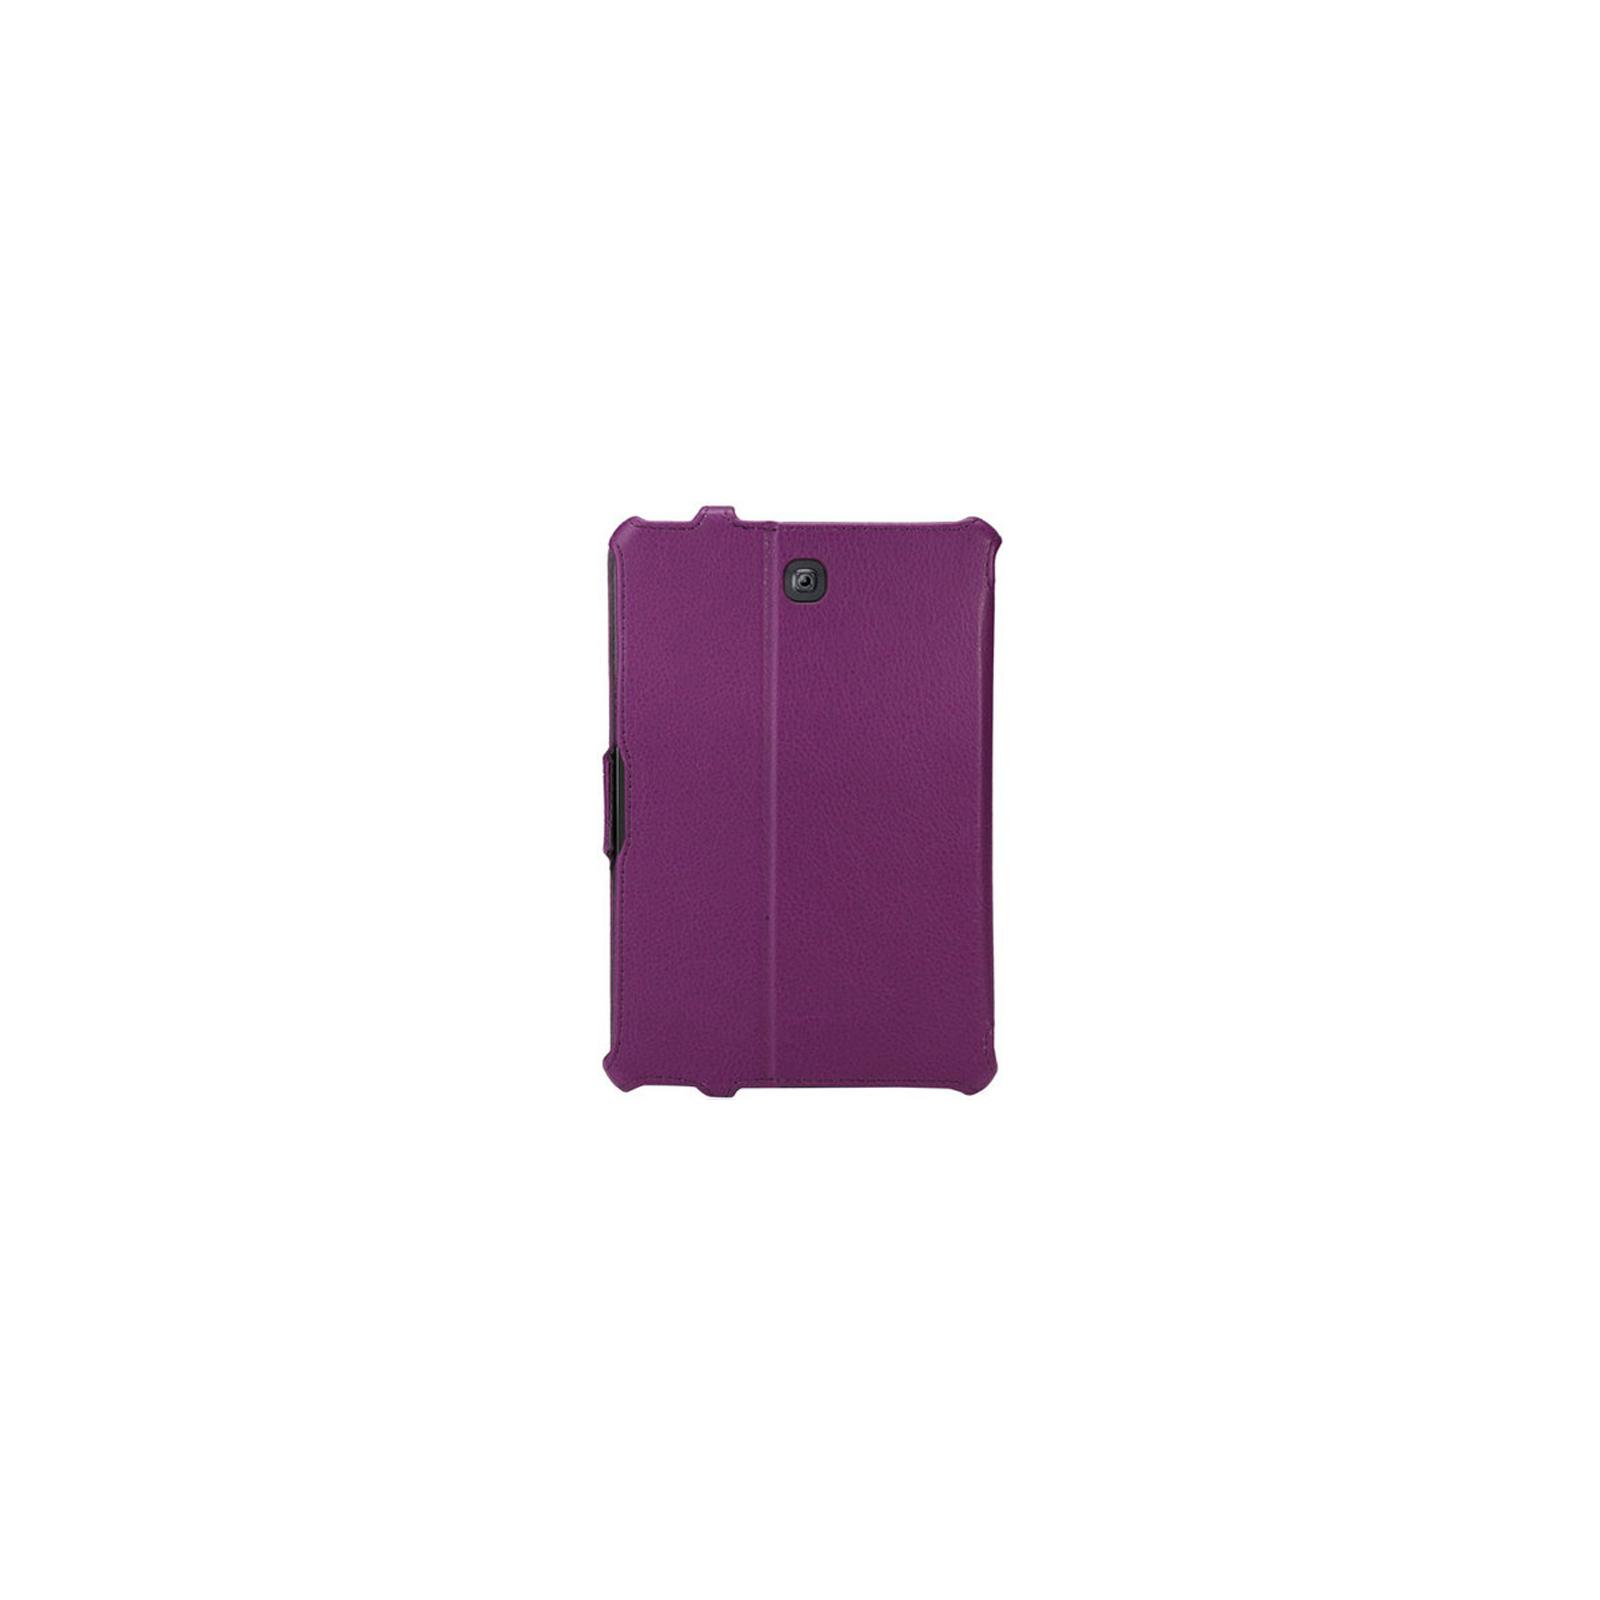 Чехол для планшета AirOn для Samsung Galaxy Tab S 2 8.0 violet (4822352770204) изображение 2